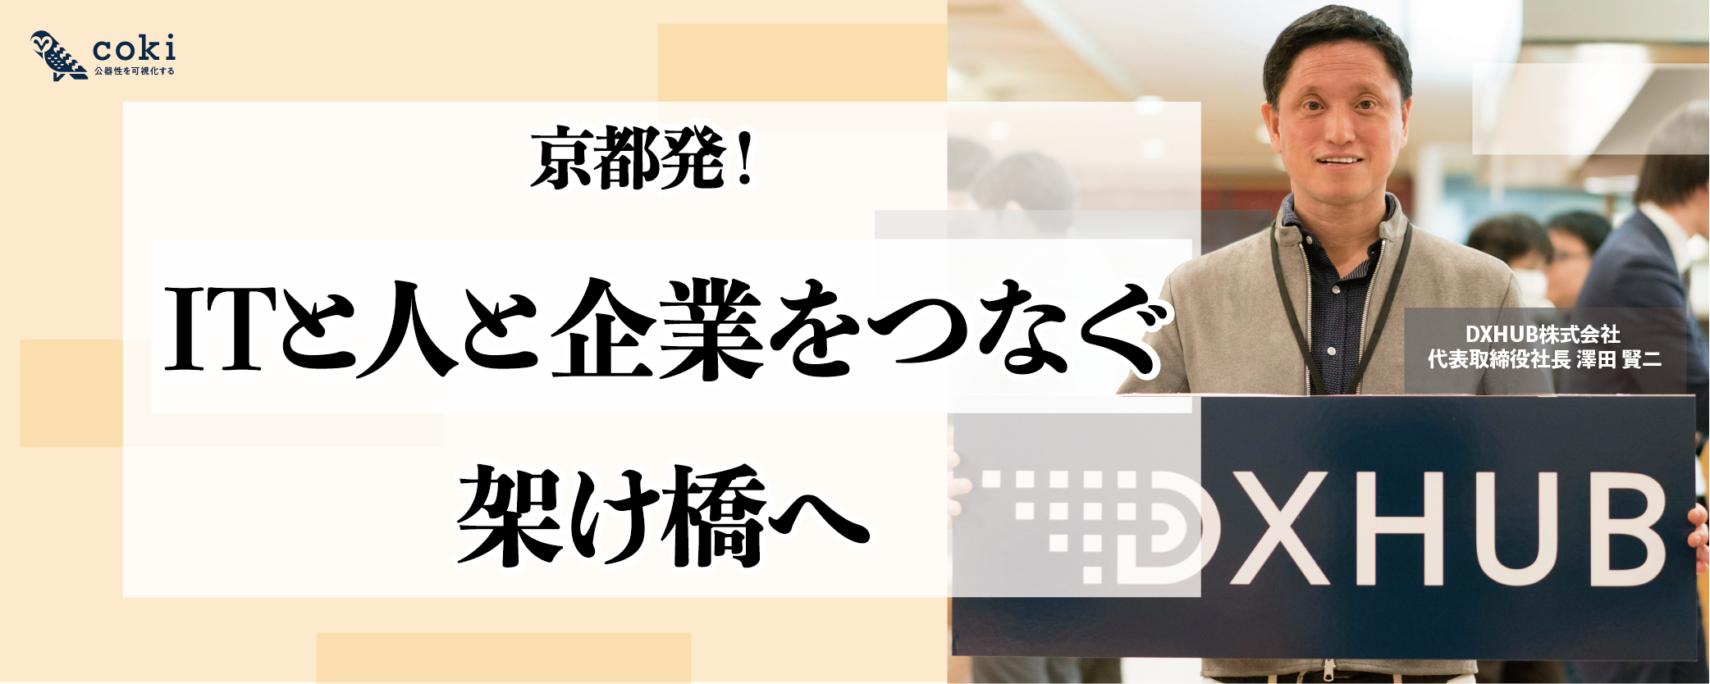 DXHUB株式会社 澤田賢二さん